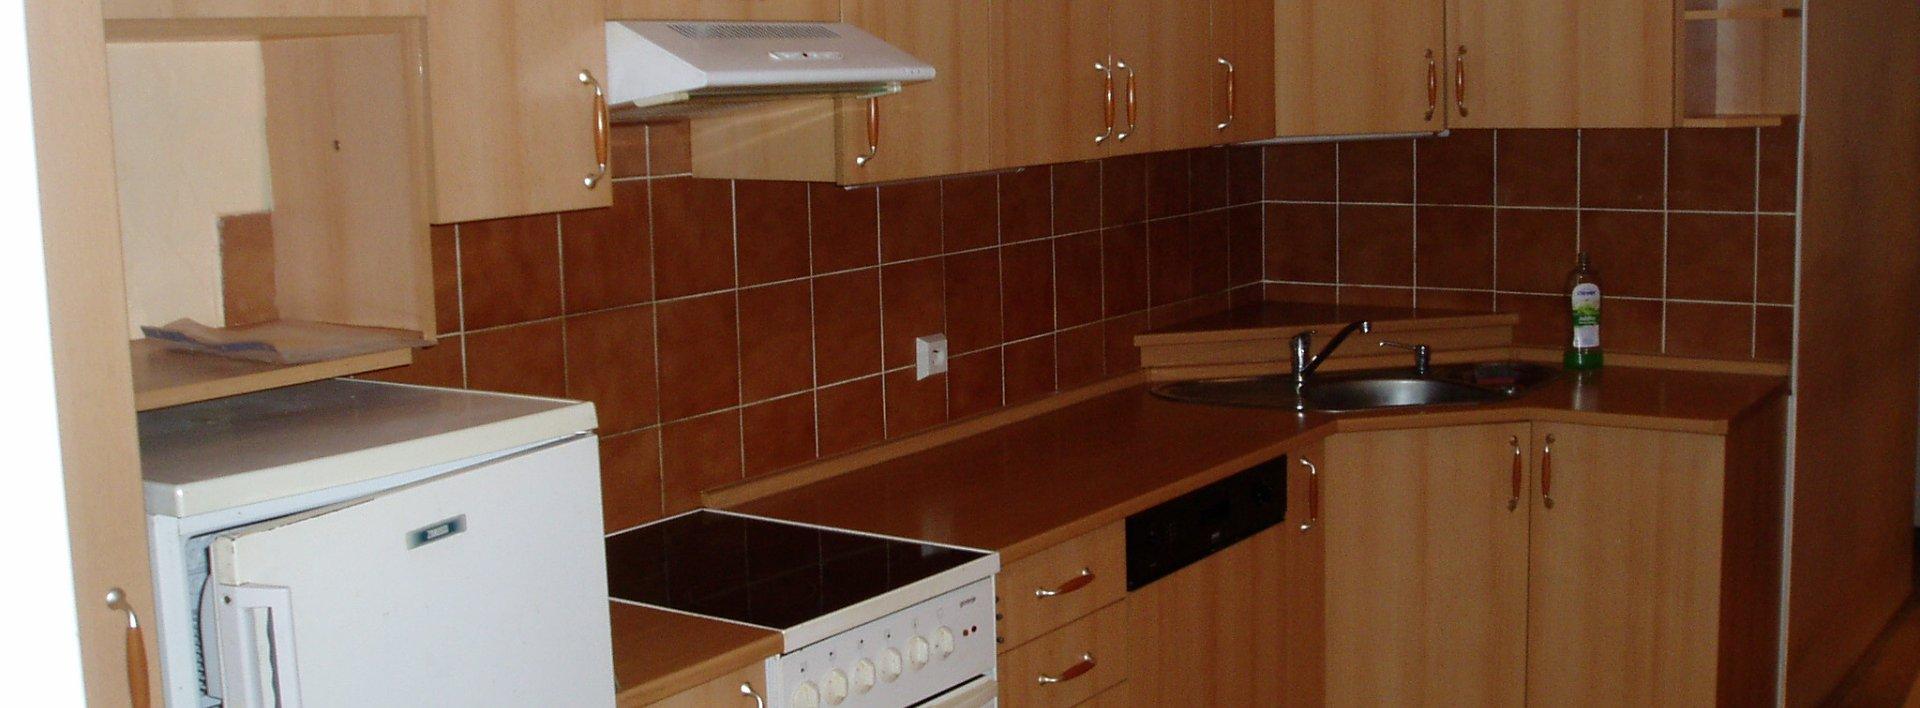 Pronájem bytu 3+1, 83m² - Frýdlantská,  Liberec I